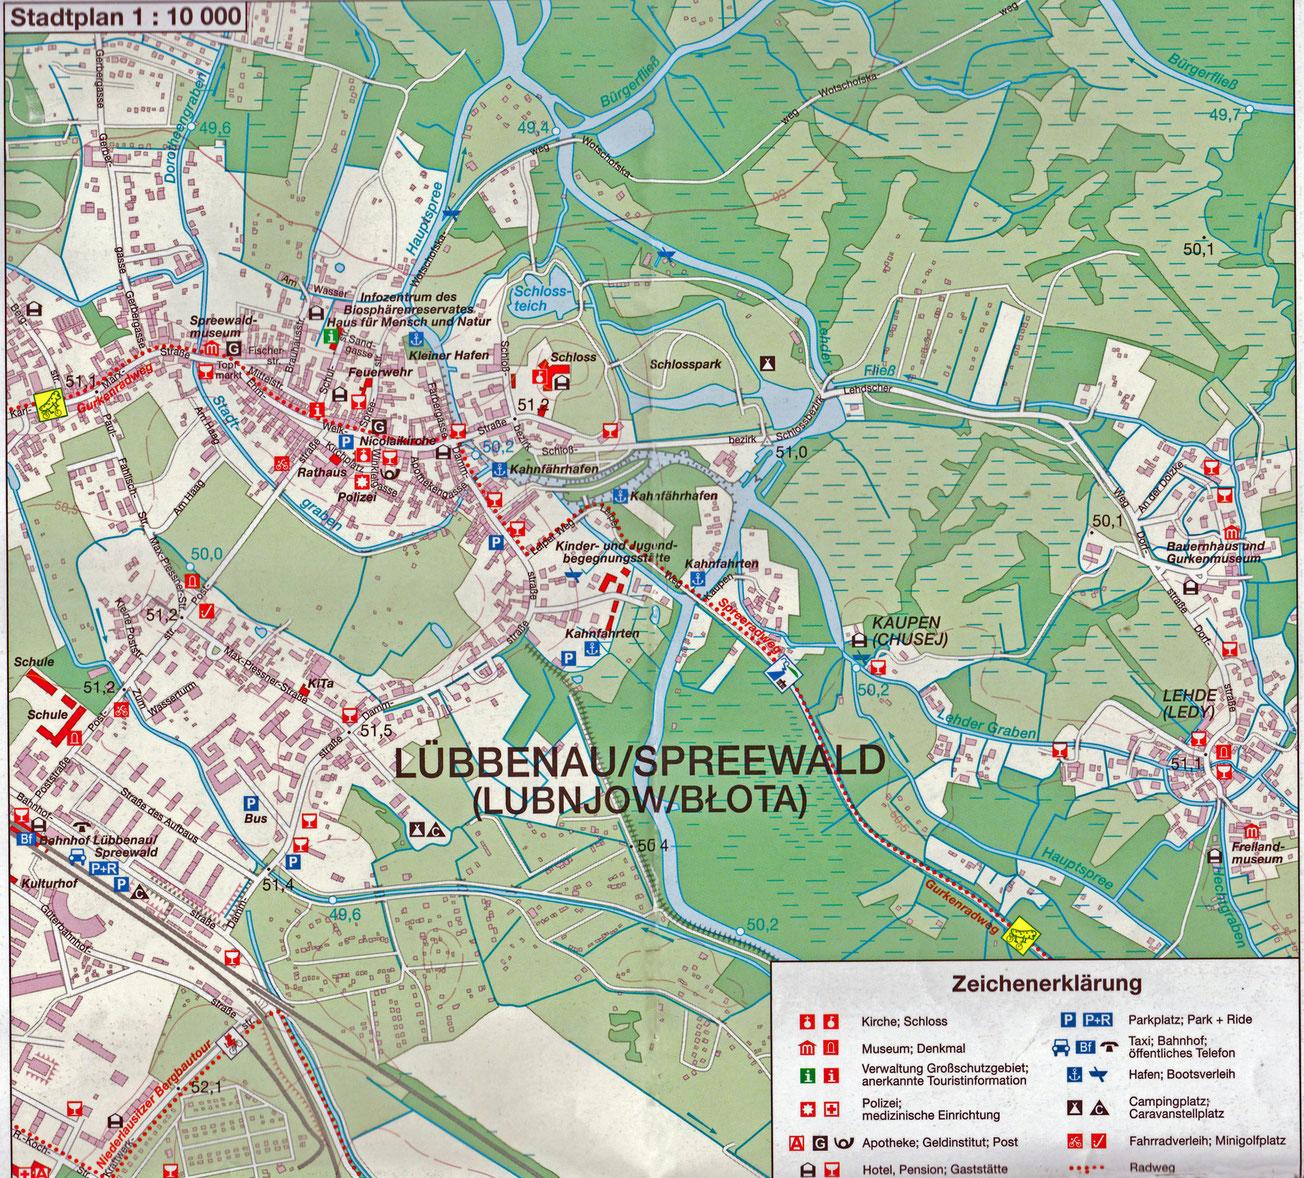 Der hauptsächlich von Touristen besuchte Teil von Lübbenau